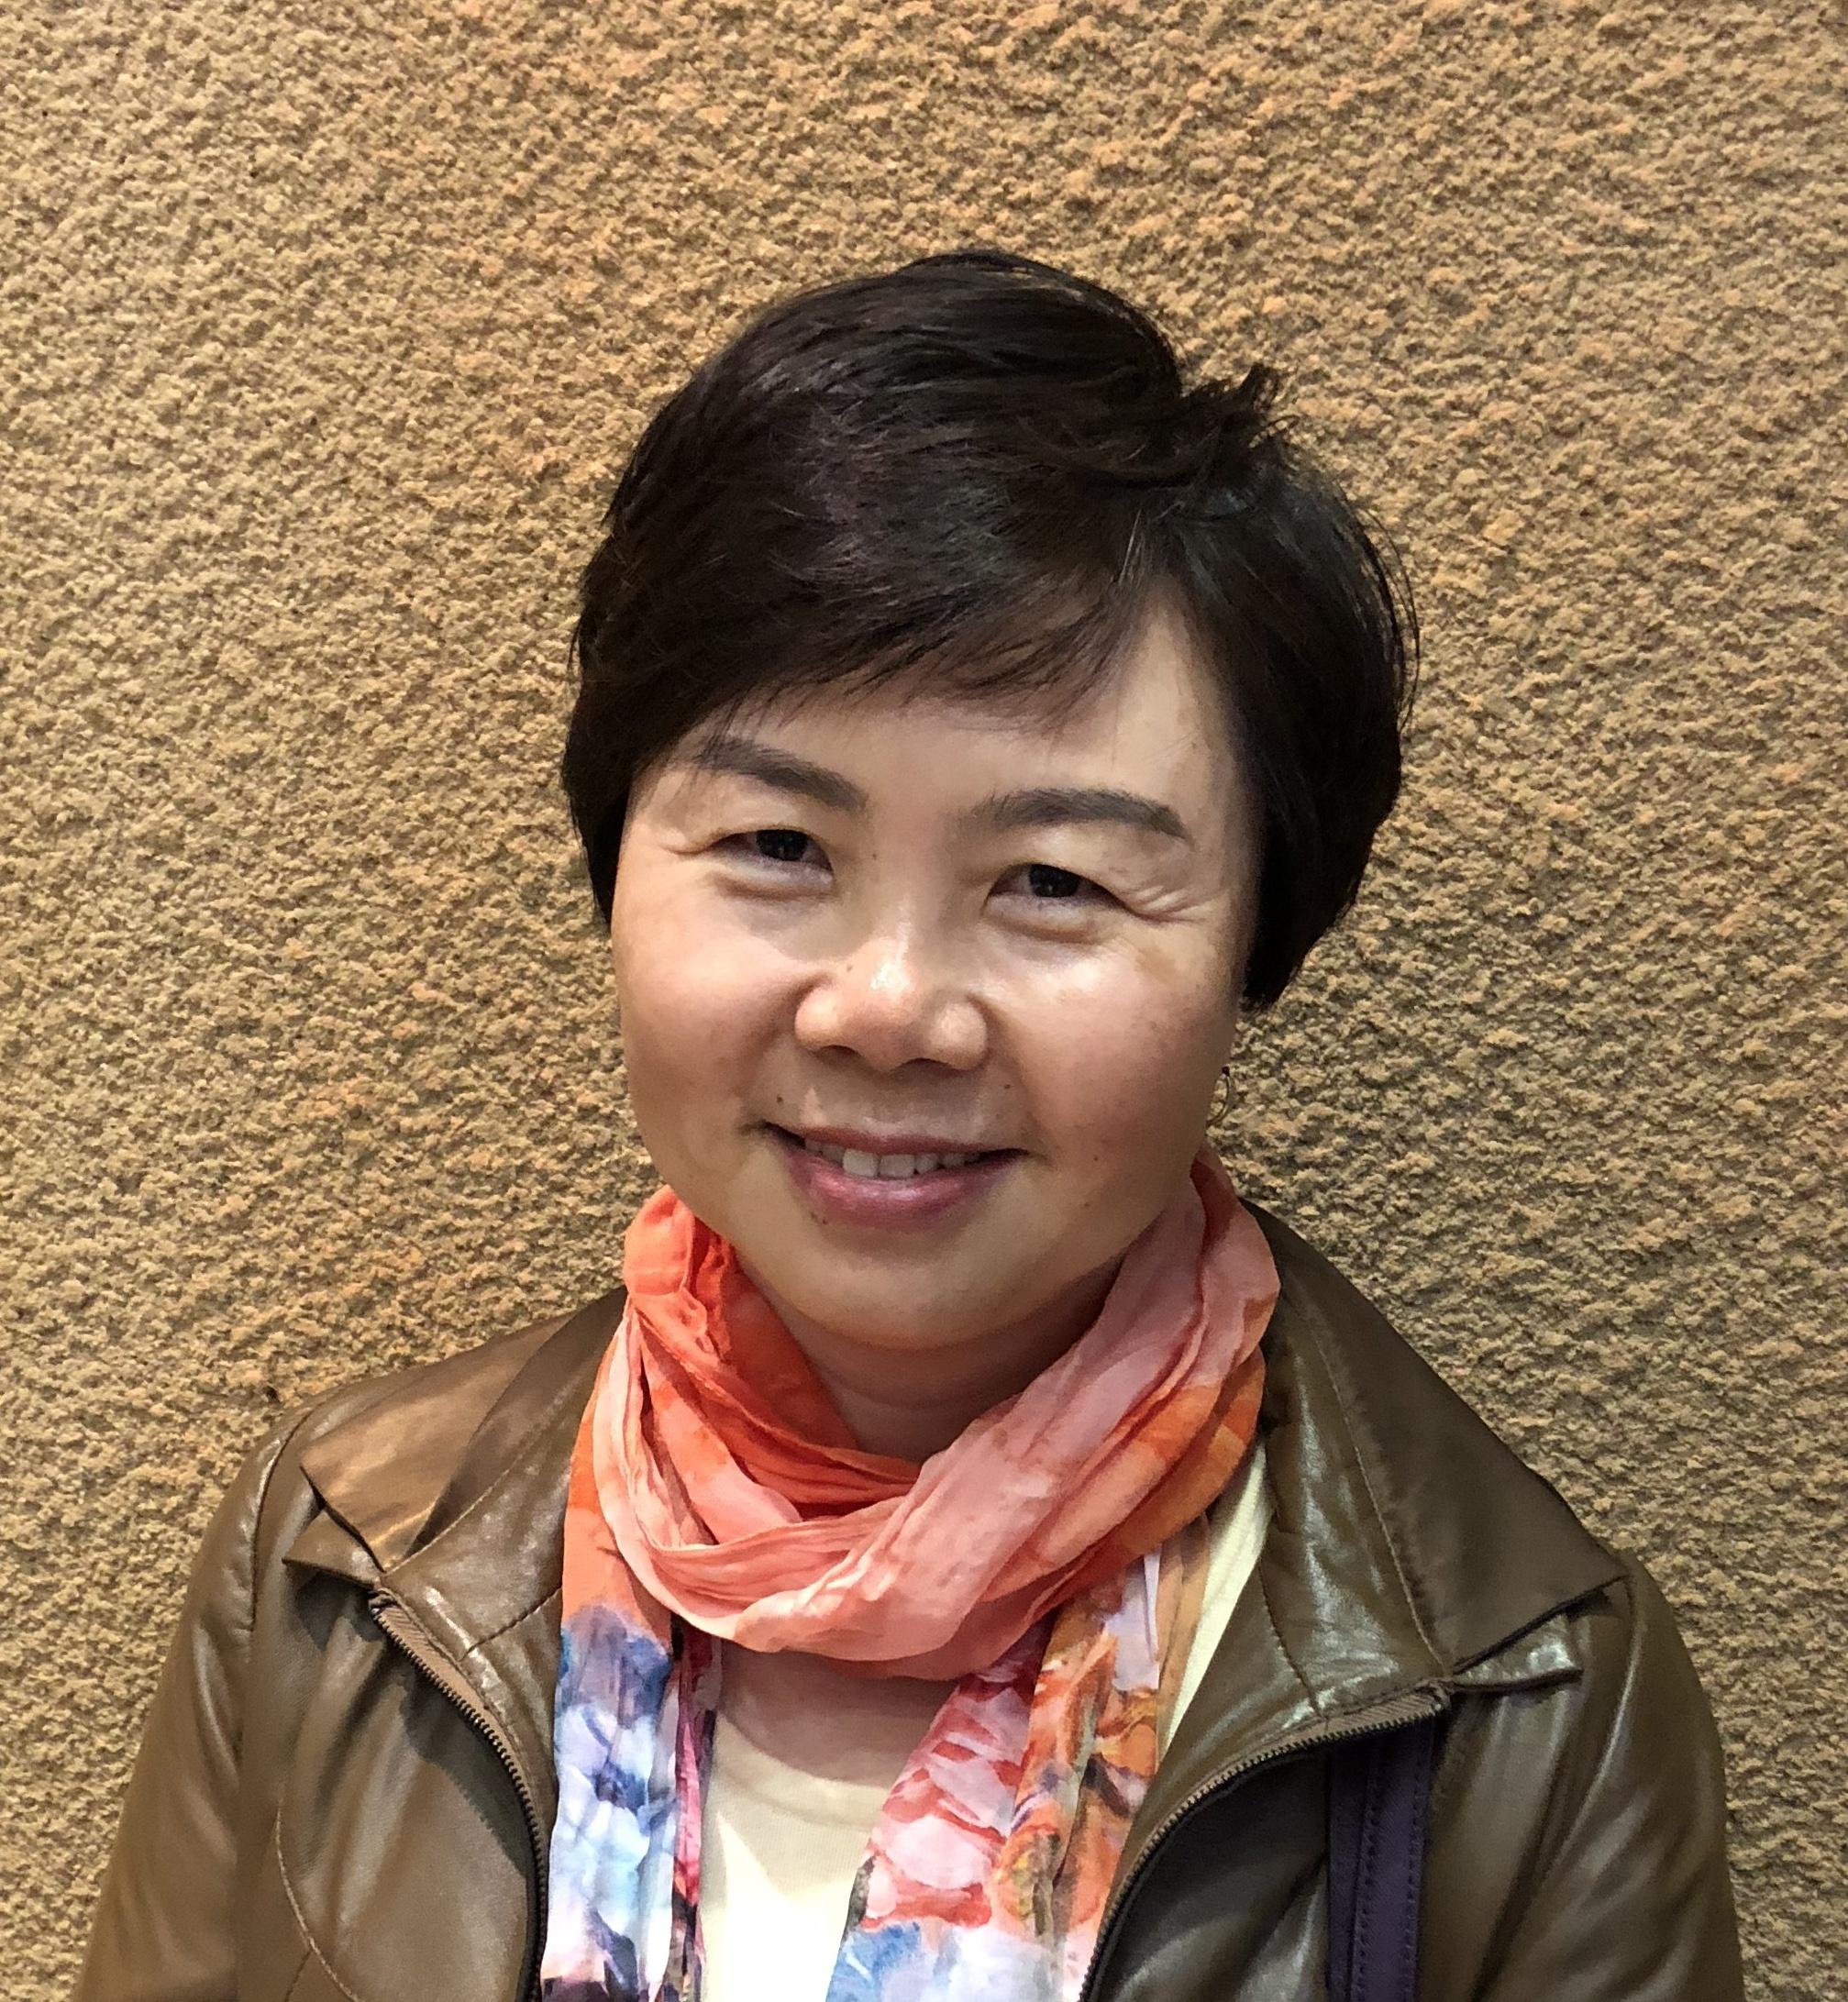 本科(1988年)及博士研究生(2000年)均毕业于北京大学医学部,2002—2003年韩国首尔国立大学医学院博士后,2010年和2012年先后两次赴美国哈佛大学医学院附属布莱恩-妇女医院访问学者。学术任职: 国际肾脏病理学会委员;中华肾脏病杂志和电子显微学报编委;中国研究型医院学会超微与分子病理专业委员会常务委员;中国电子显微镜学会常务理事。专业方向为医学电镜诊、肾脏病理, 研究方向为淀粉样变的发病机制。主持和参与多项国家级和部委级的基金课题,在国内外核心期刊和 SCI收录杂志发表论著60余篇,参与6部学术专著的编写,获得卫生部、教育部和中华医学奖等成果奖6项。